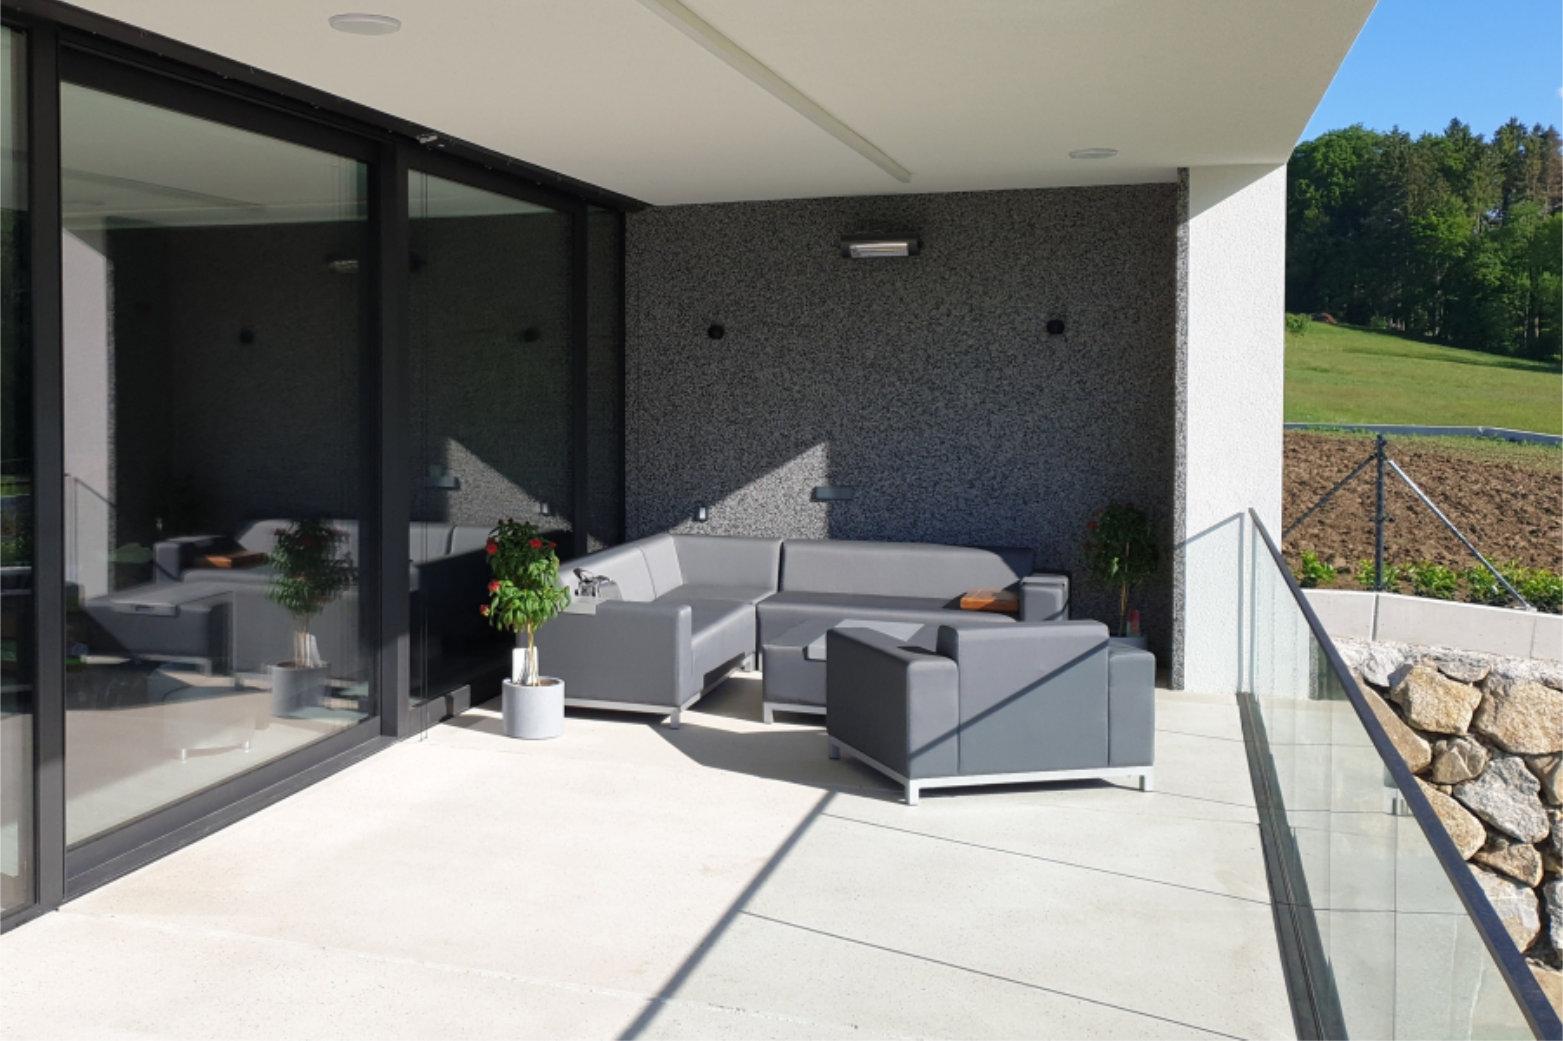 Josef Lehner GmbH Waschbetonwand mit Terrasse aus Weissbeton1